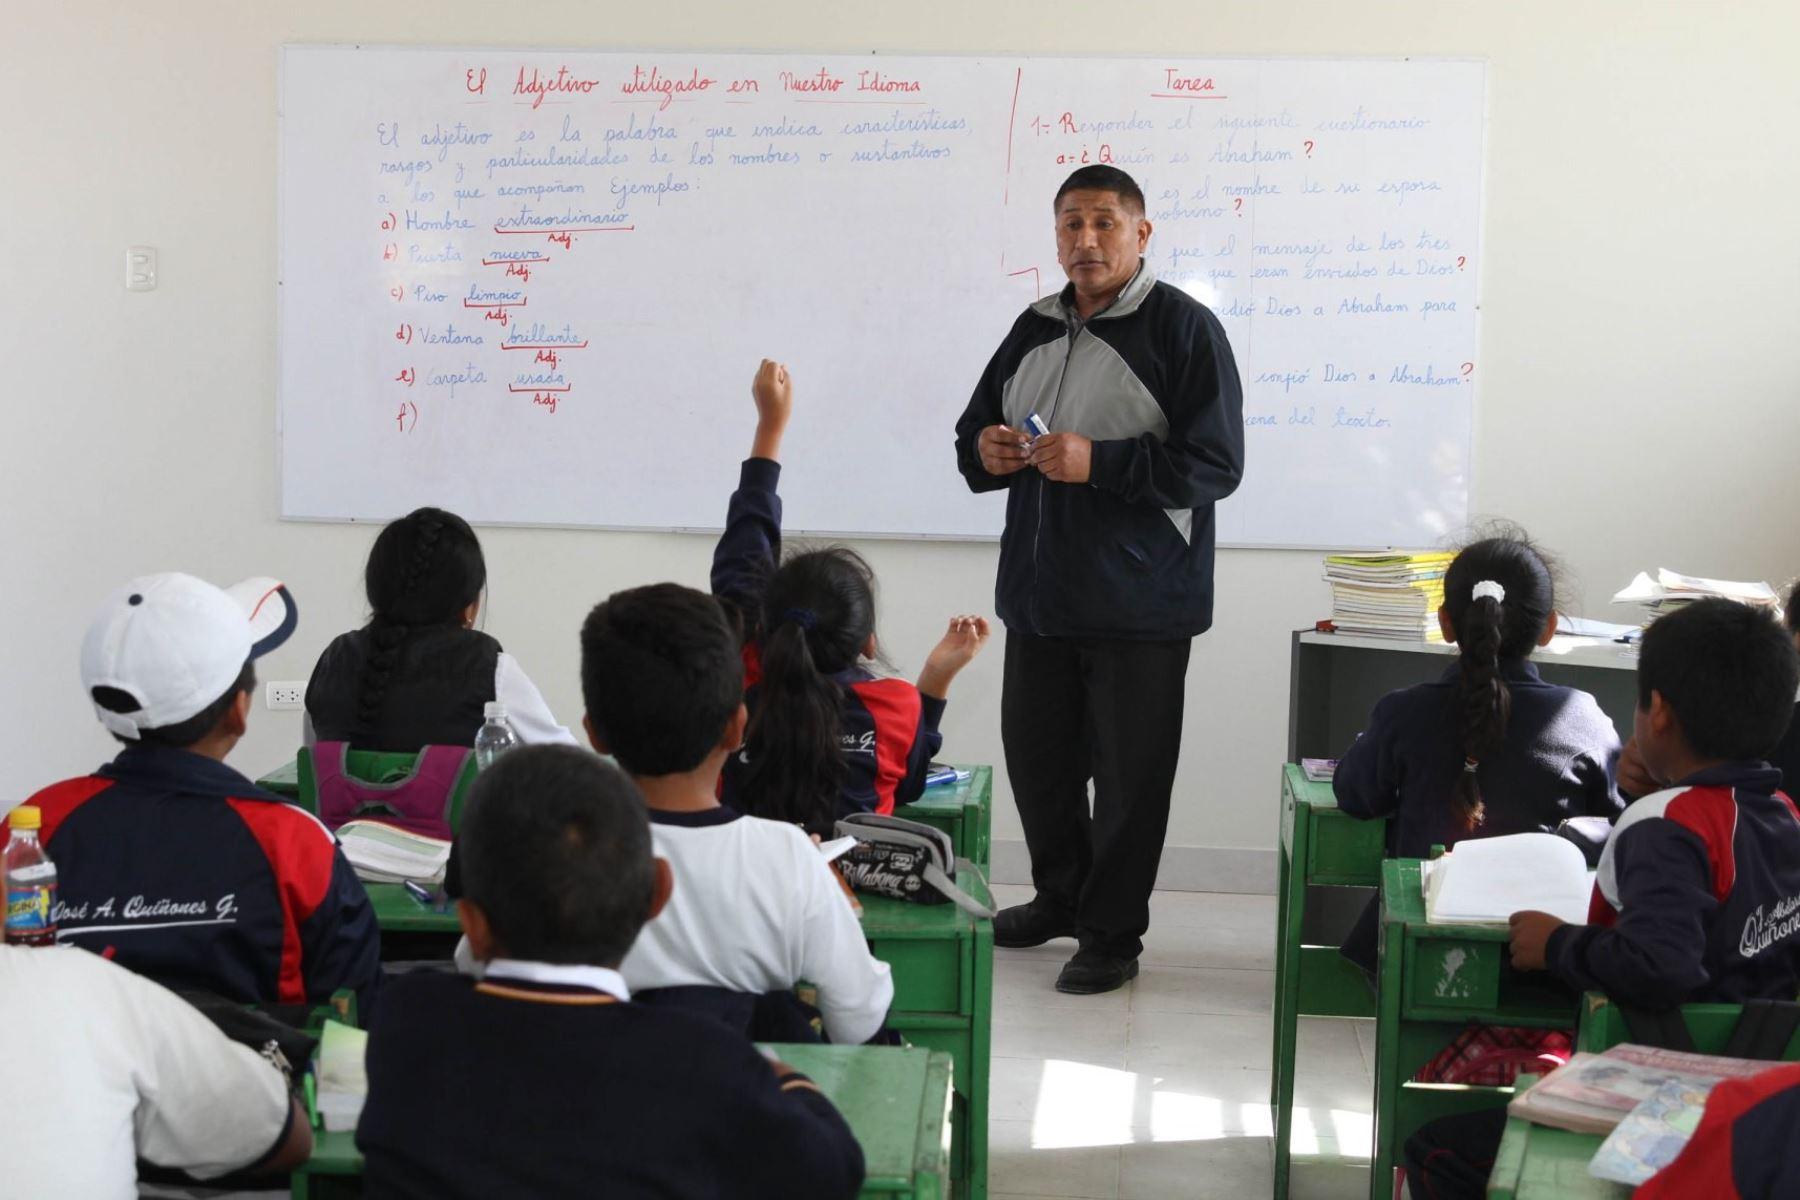 Se reinician labores escolares en Arequipa después de varios días de huelga. ANDINA/archivo